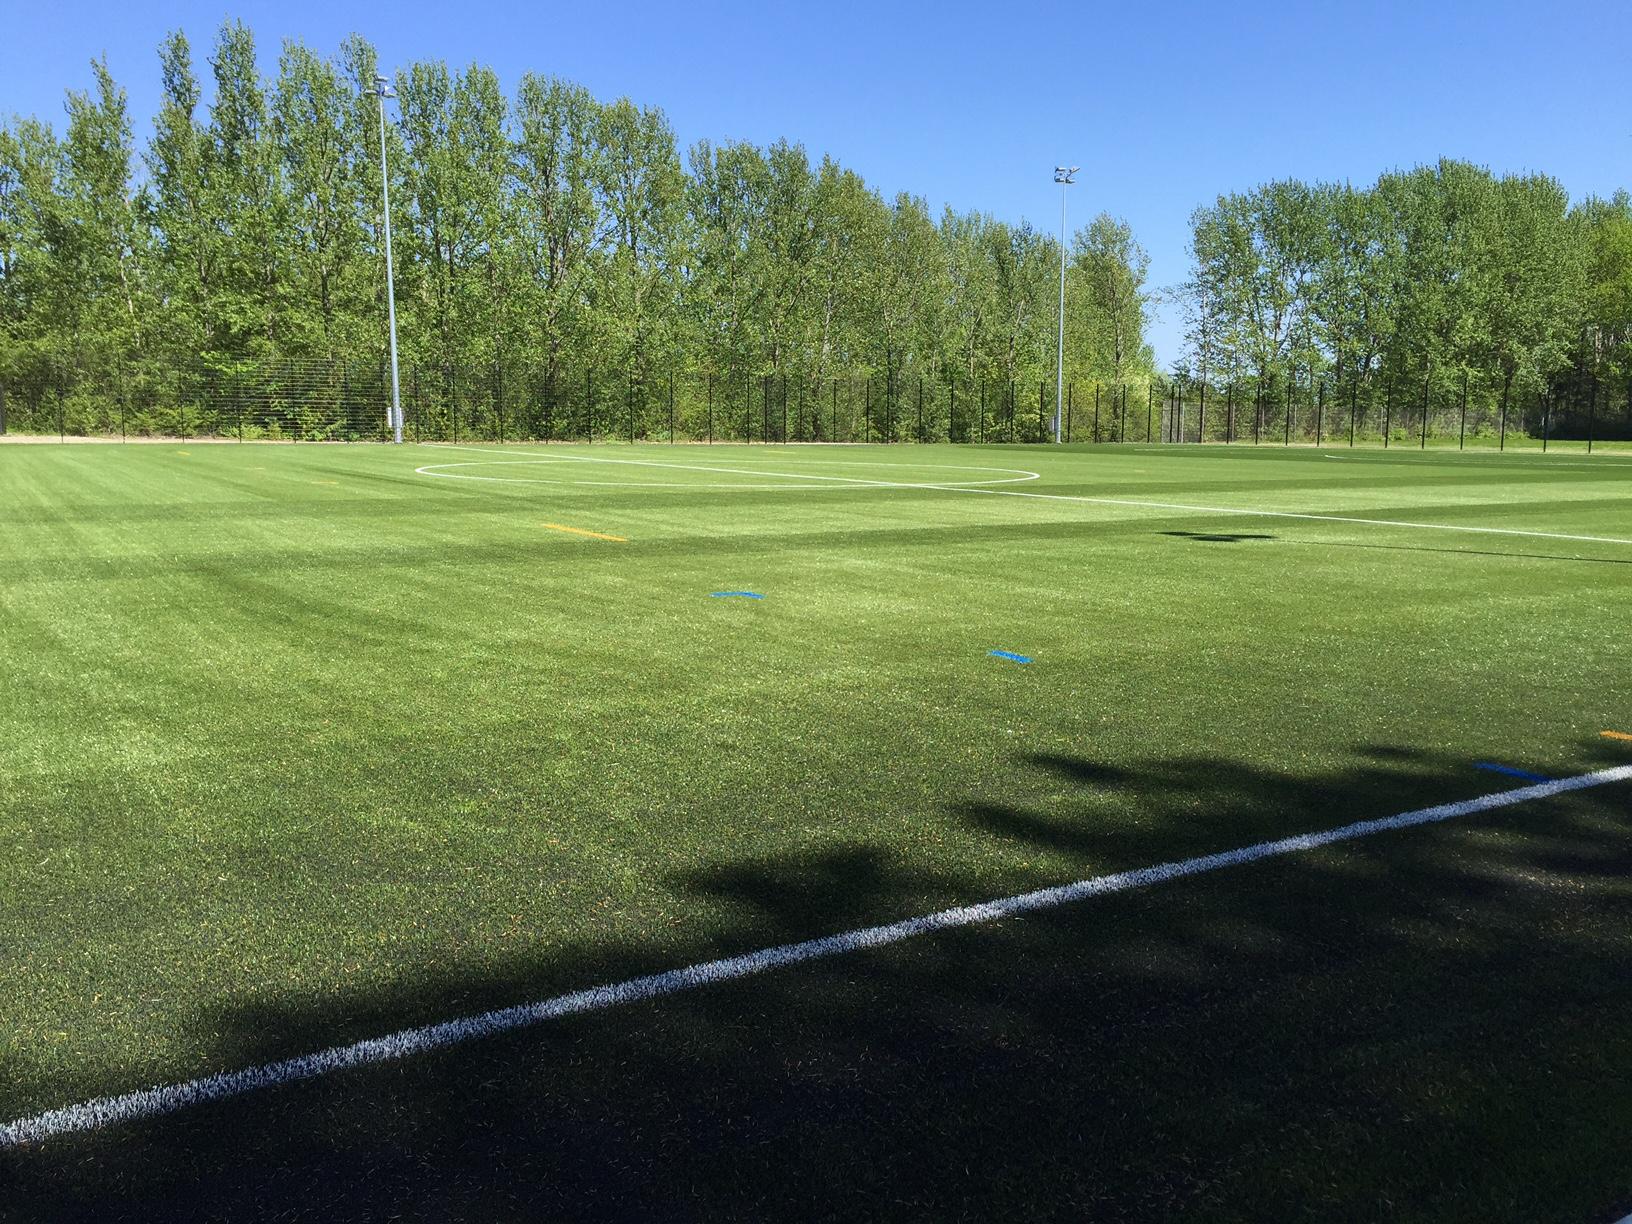 kunstgræs fodbold kunstgræsbane unisport